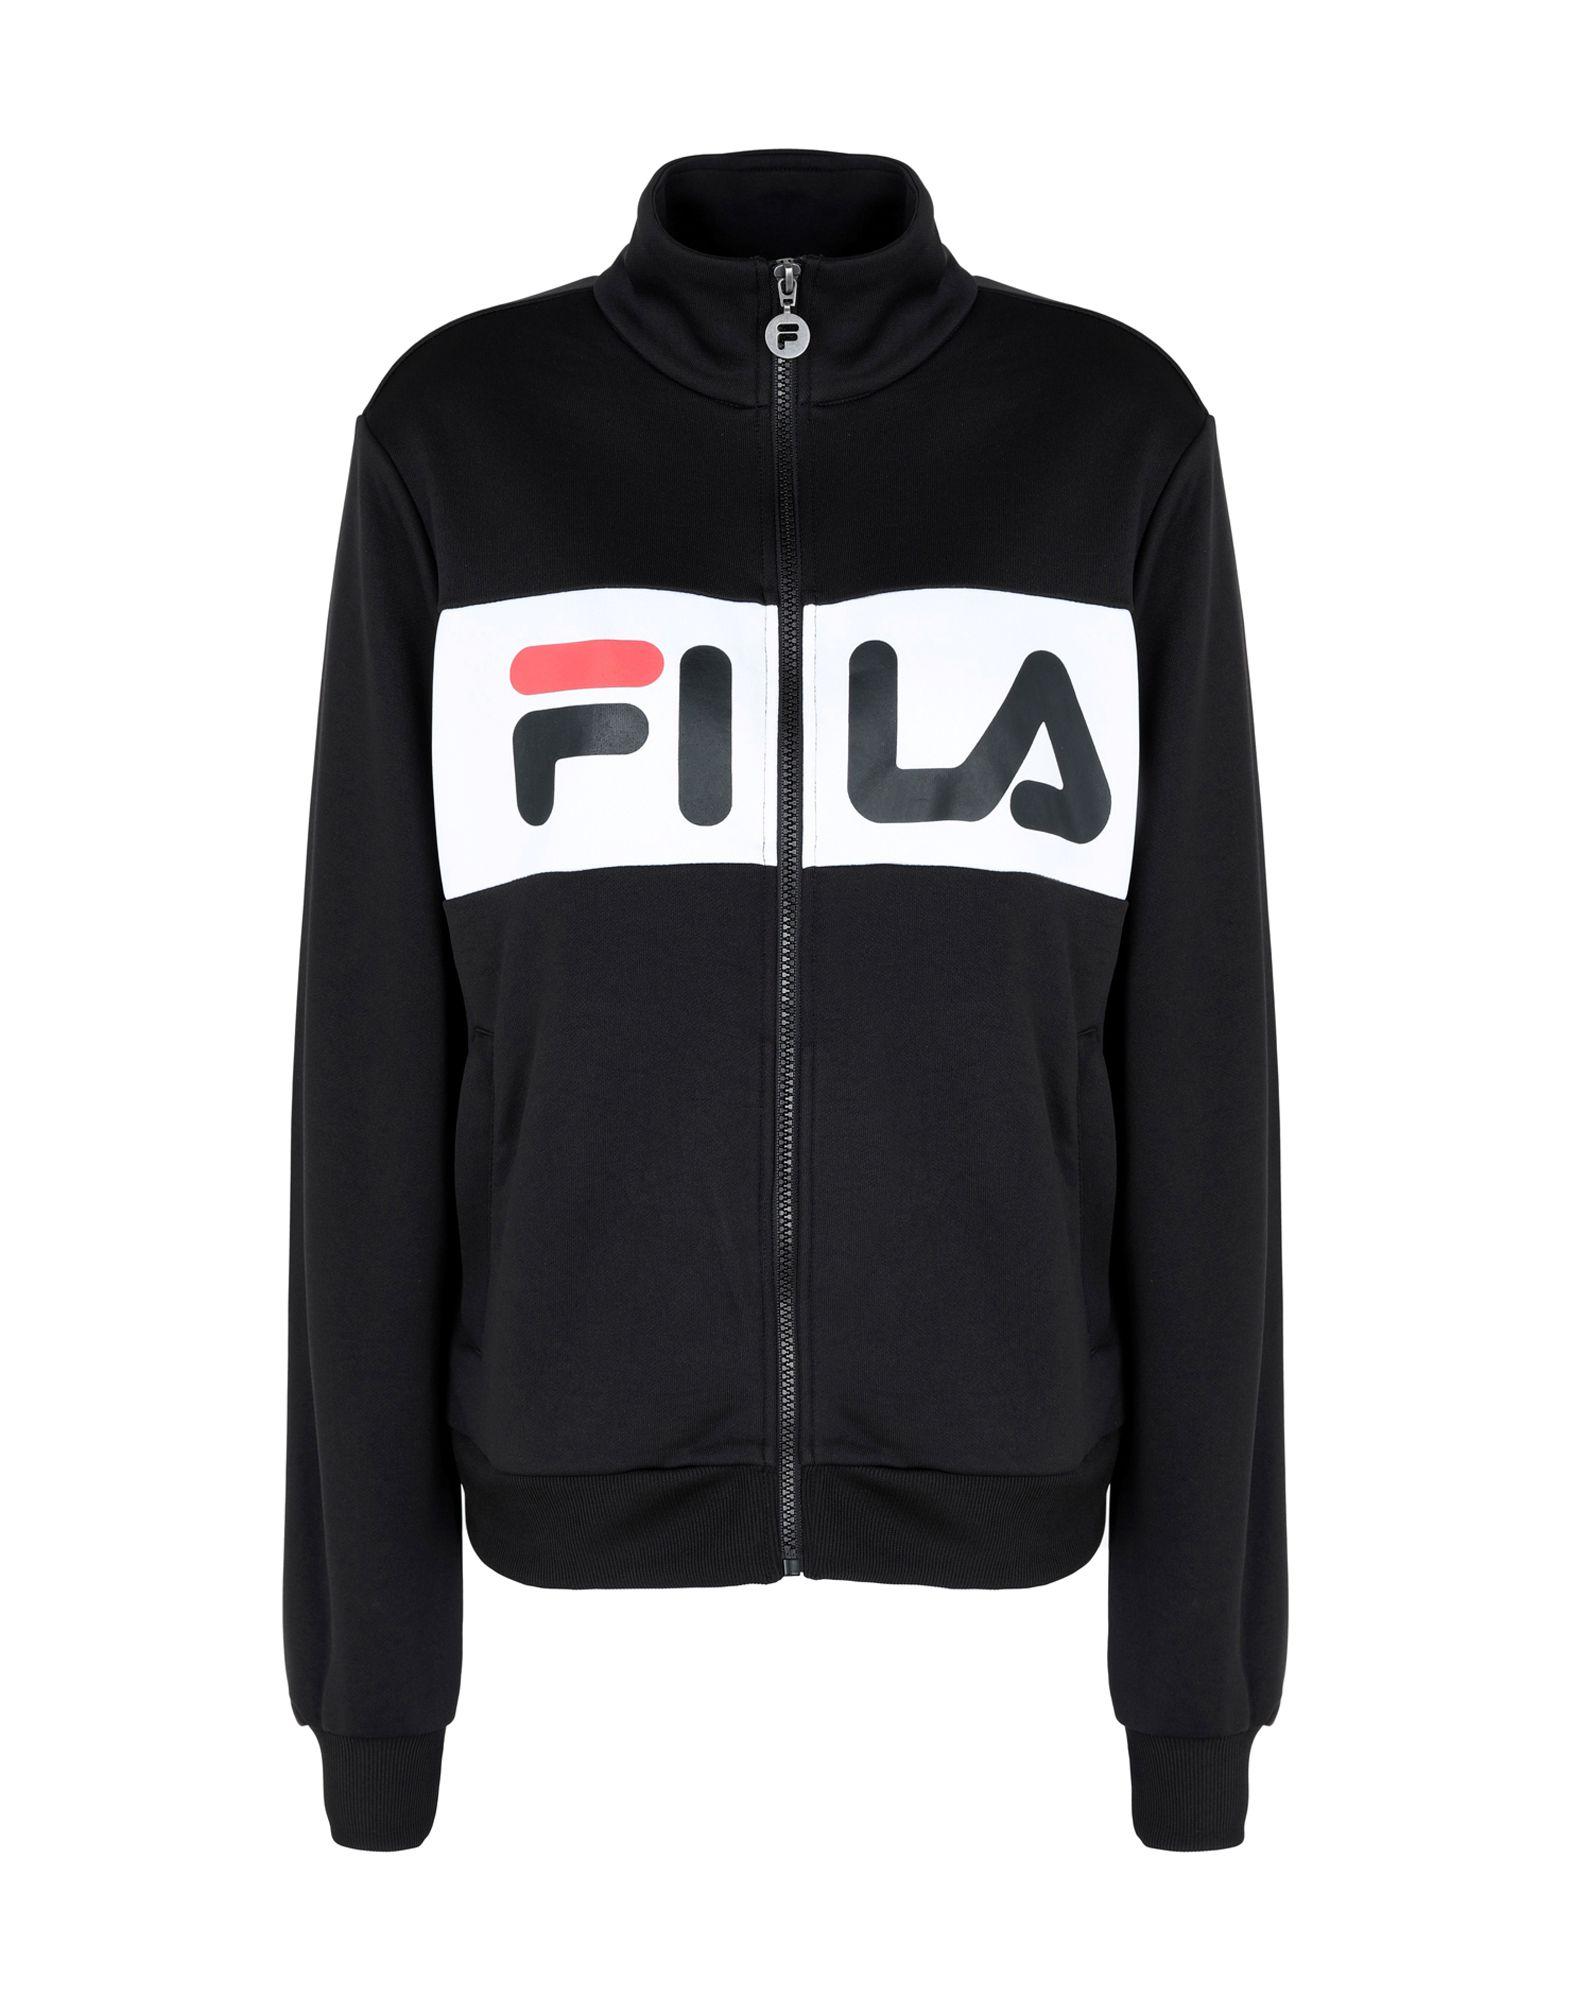 《送料無料》FILA HERITAGE レディース スウェットシャツ ブラック M ポリエステル 100% Bronte Track Jacket